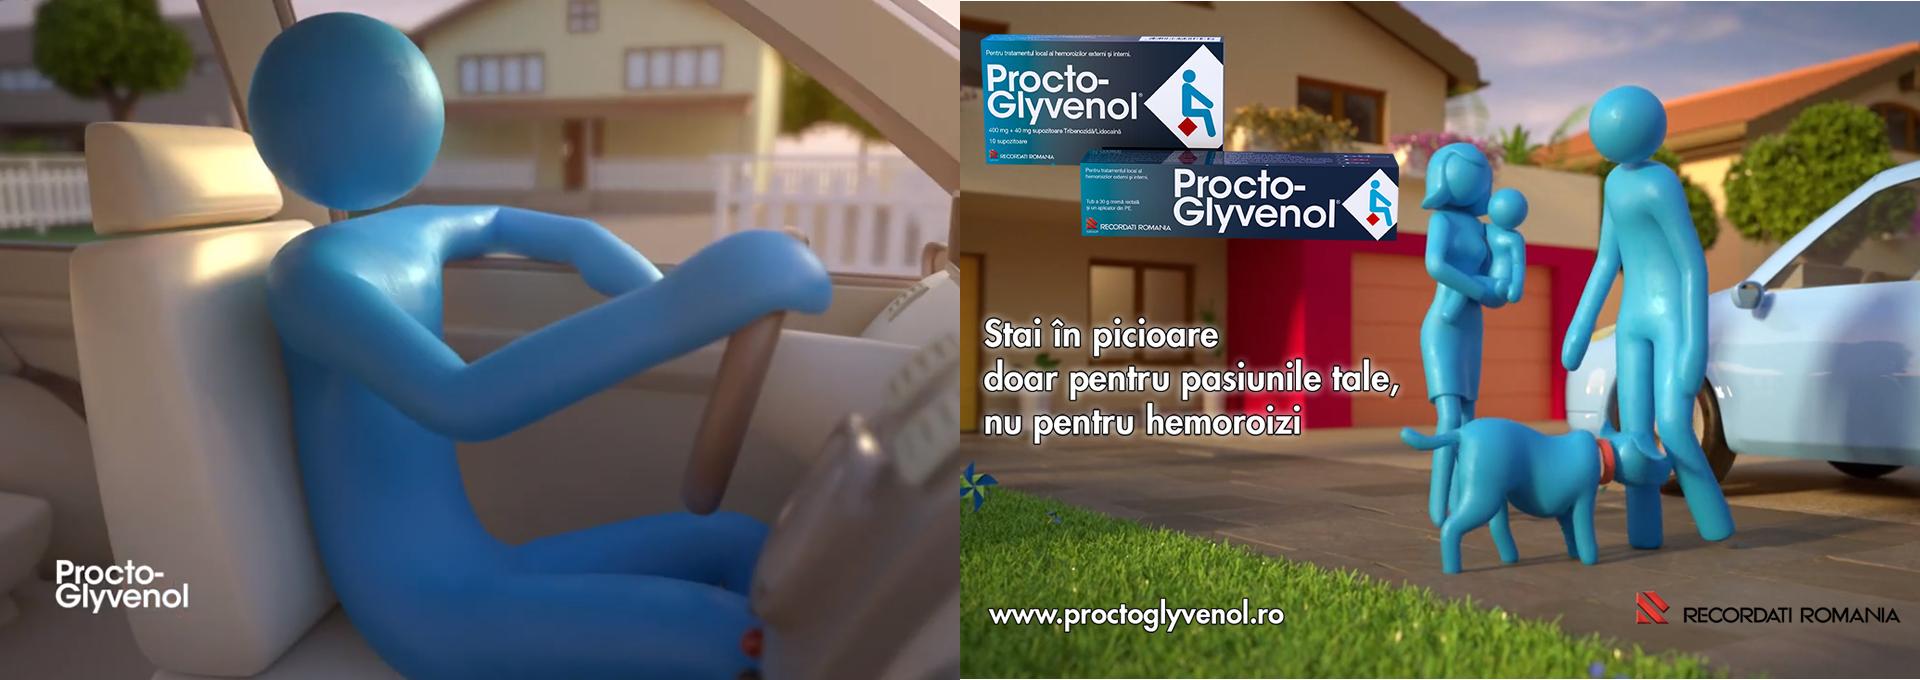 Procto-Glyvenol calmează rapid durerea şi îmbunătăţeşte tonusul vascular.